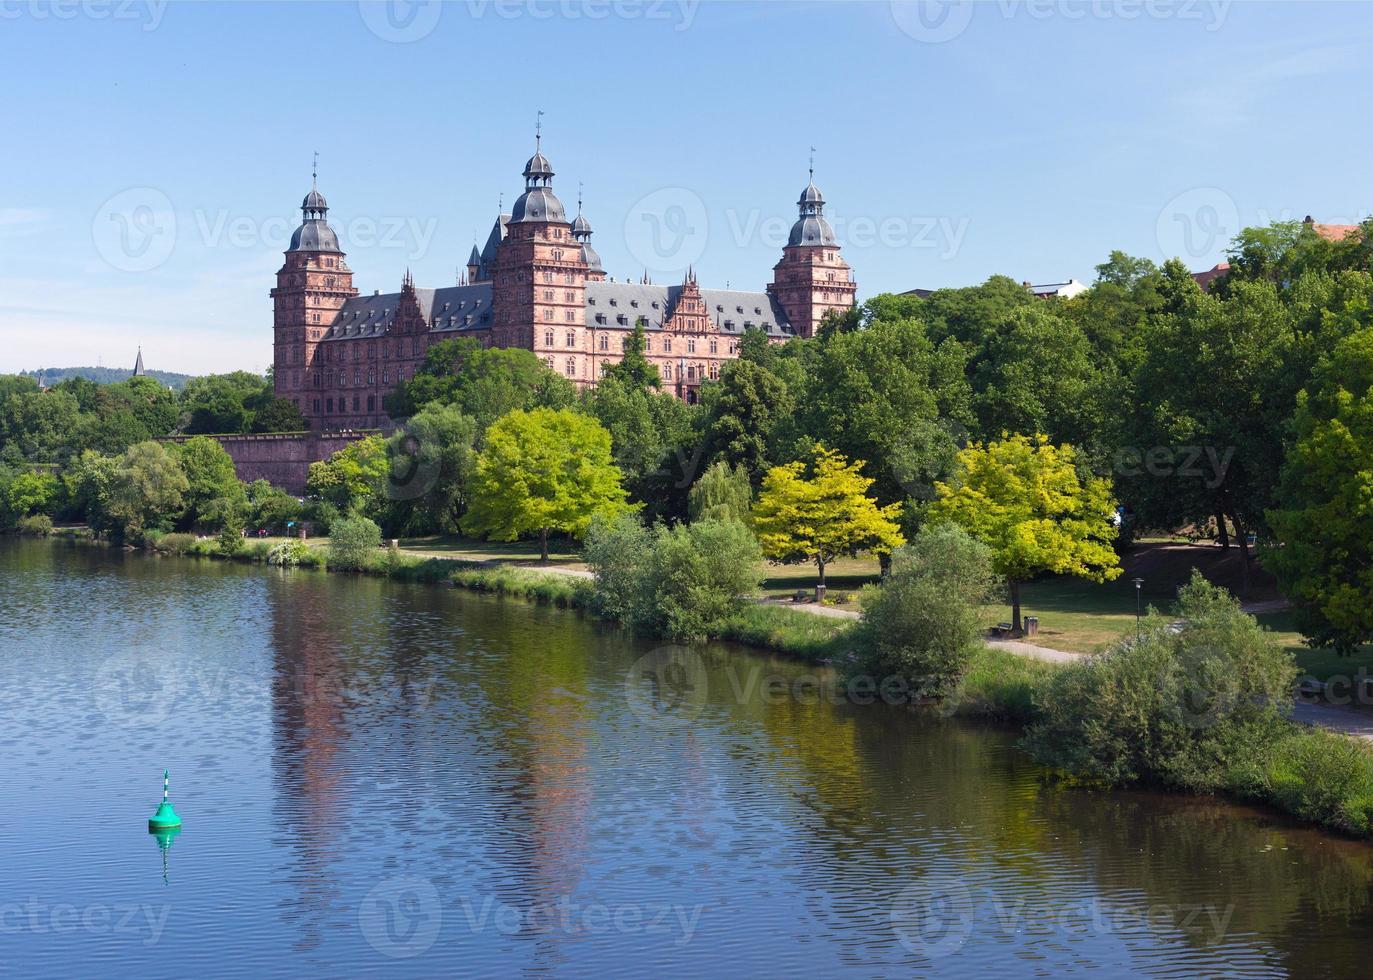 Schloss johannisburg foto